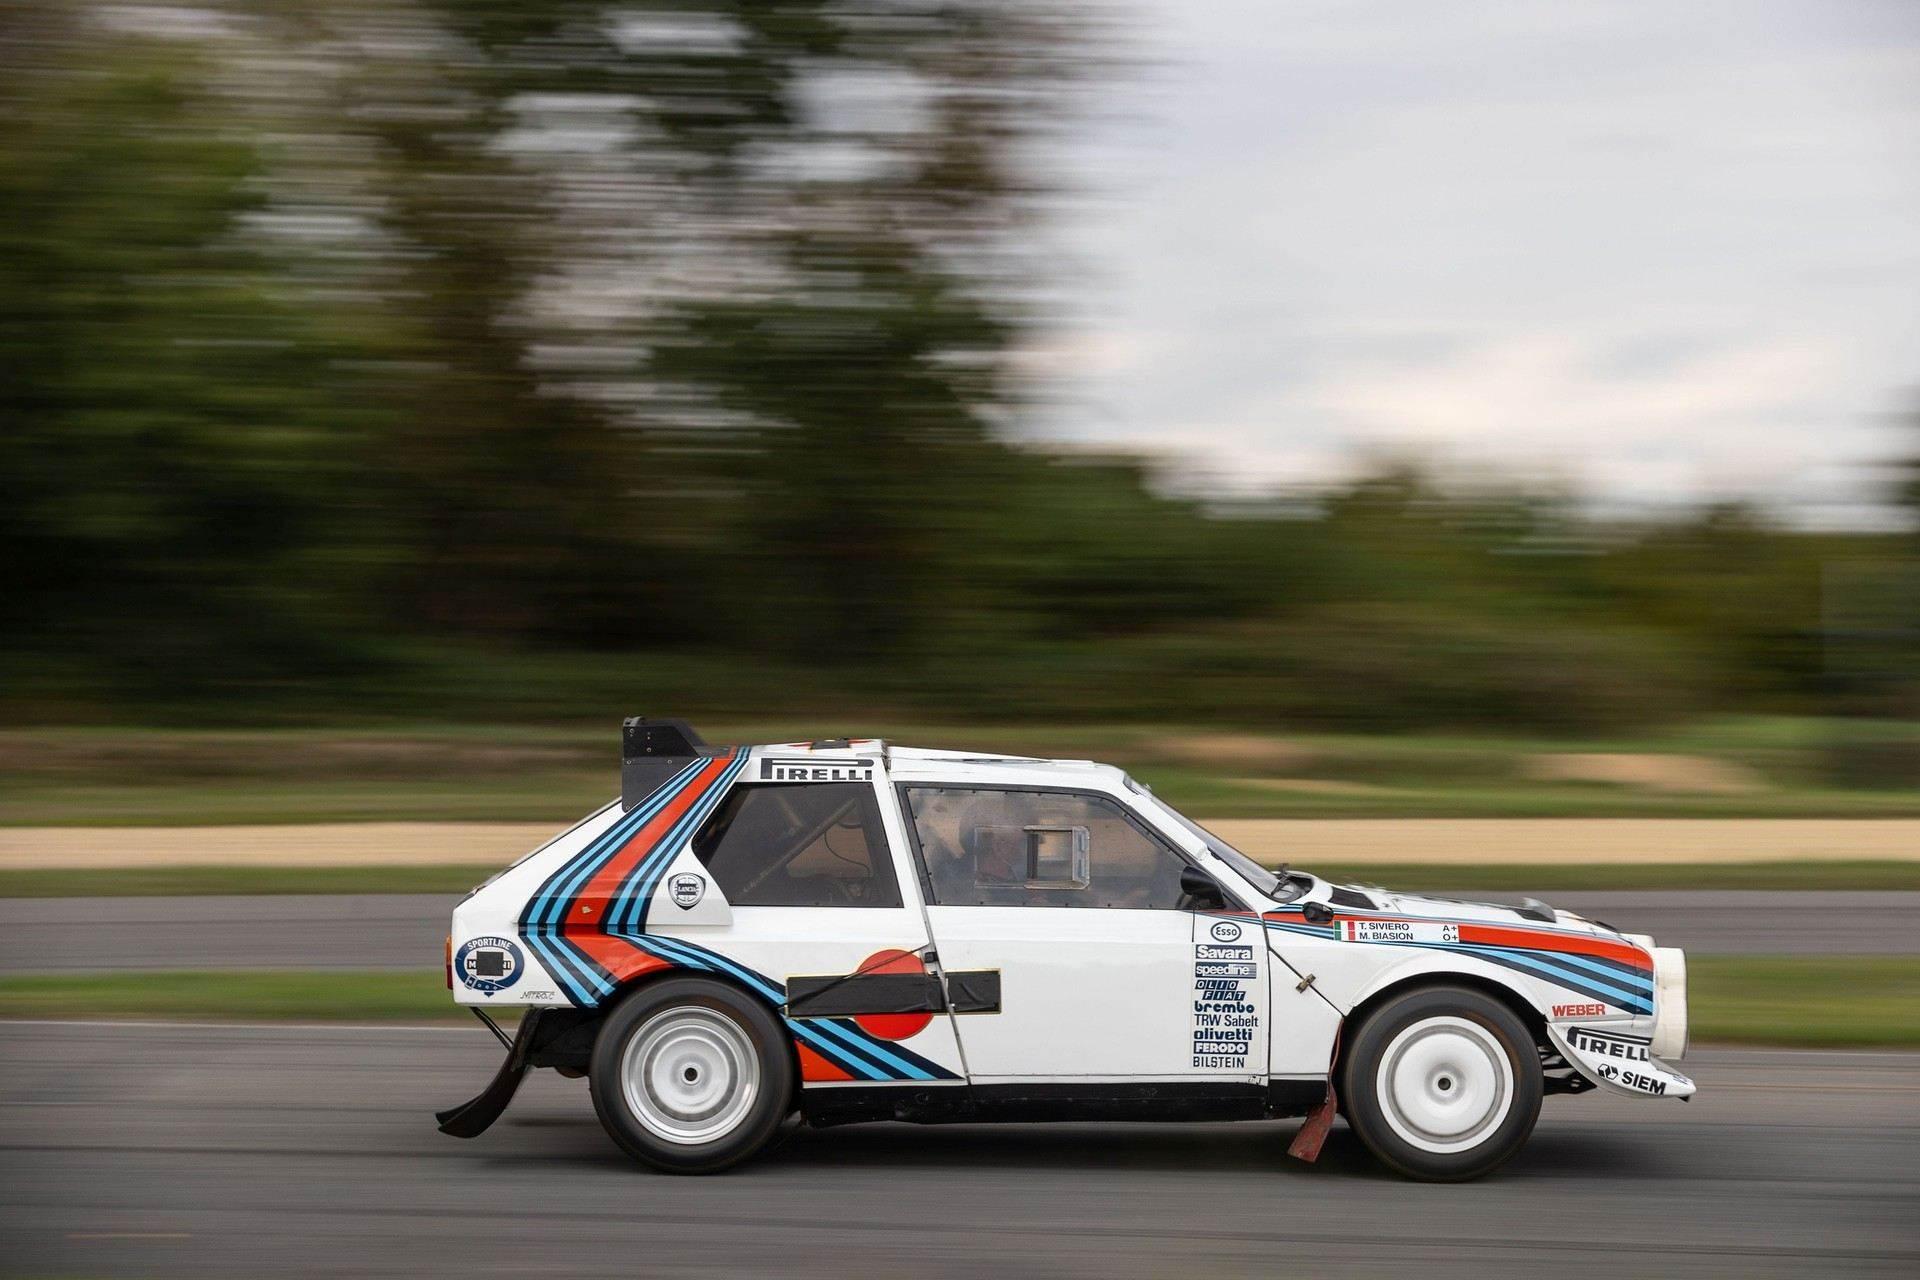 1986_Lancia_Delta_S4_sale-0001